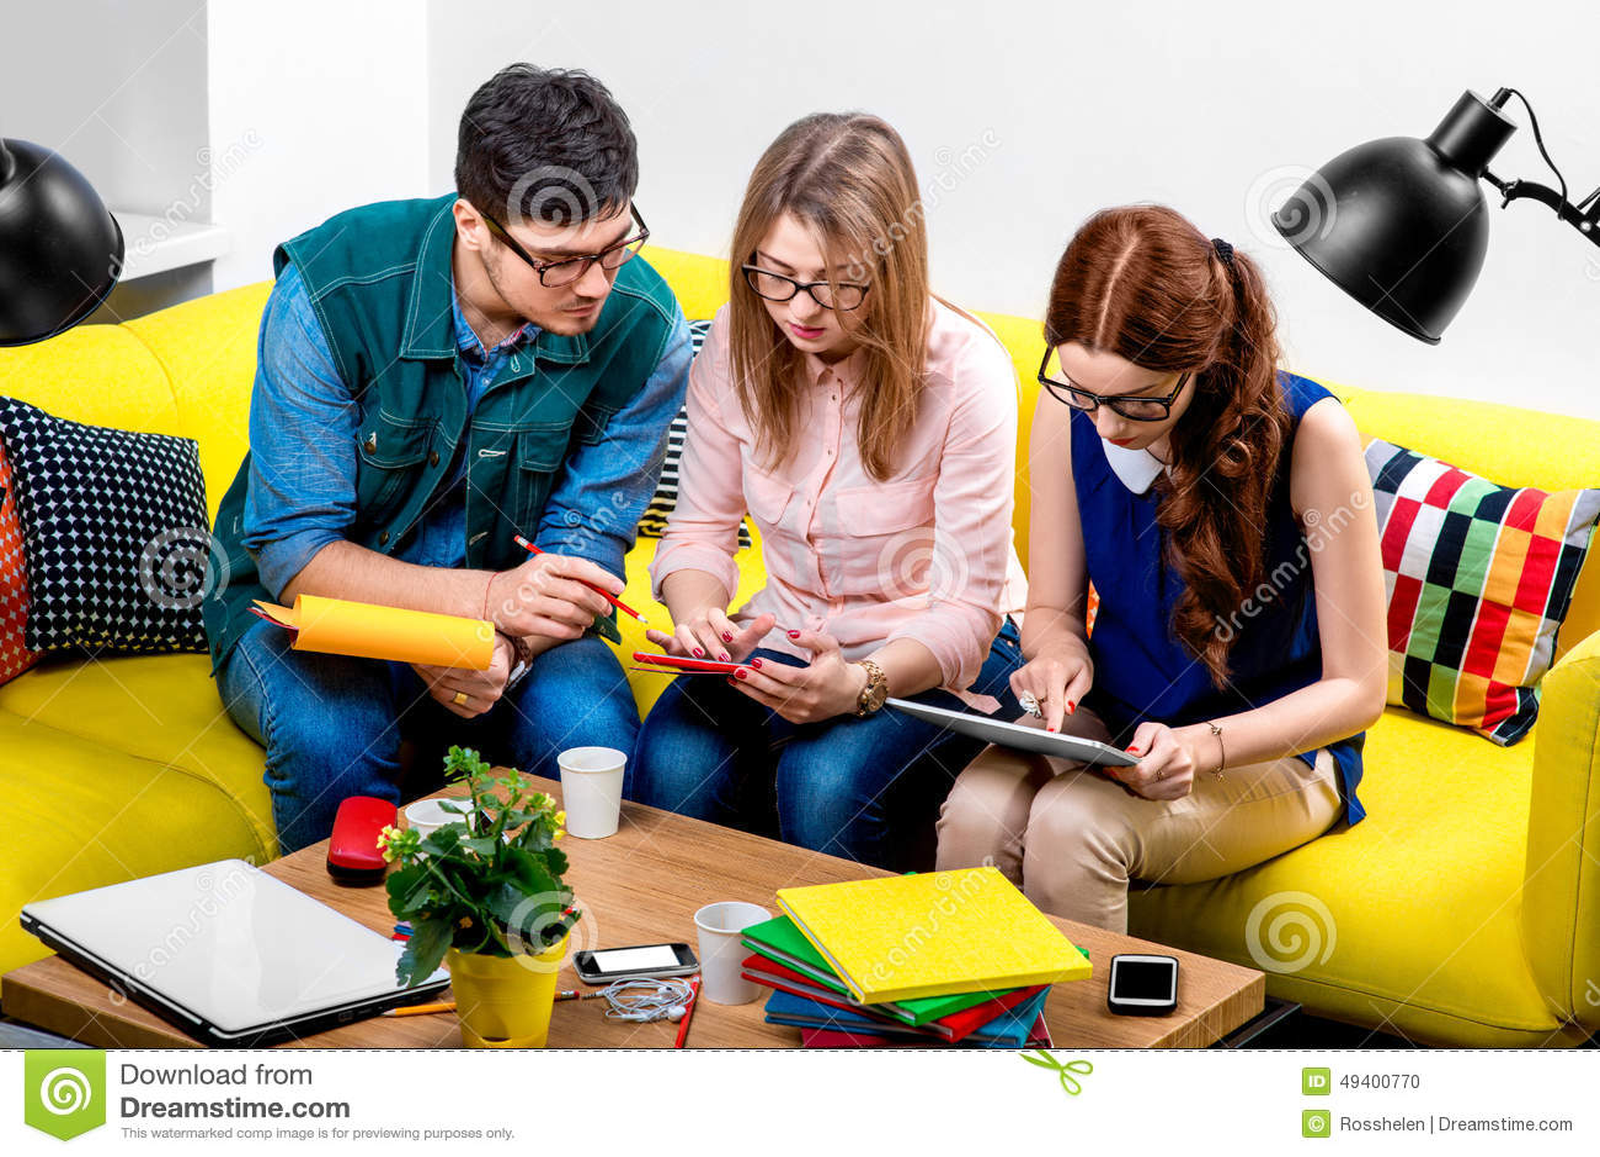 Download Studenten, Die An Der Couch Arbeiten Stockfoto - Bild von freunde, mädchen: 49400770